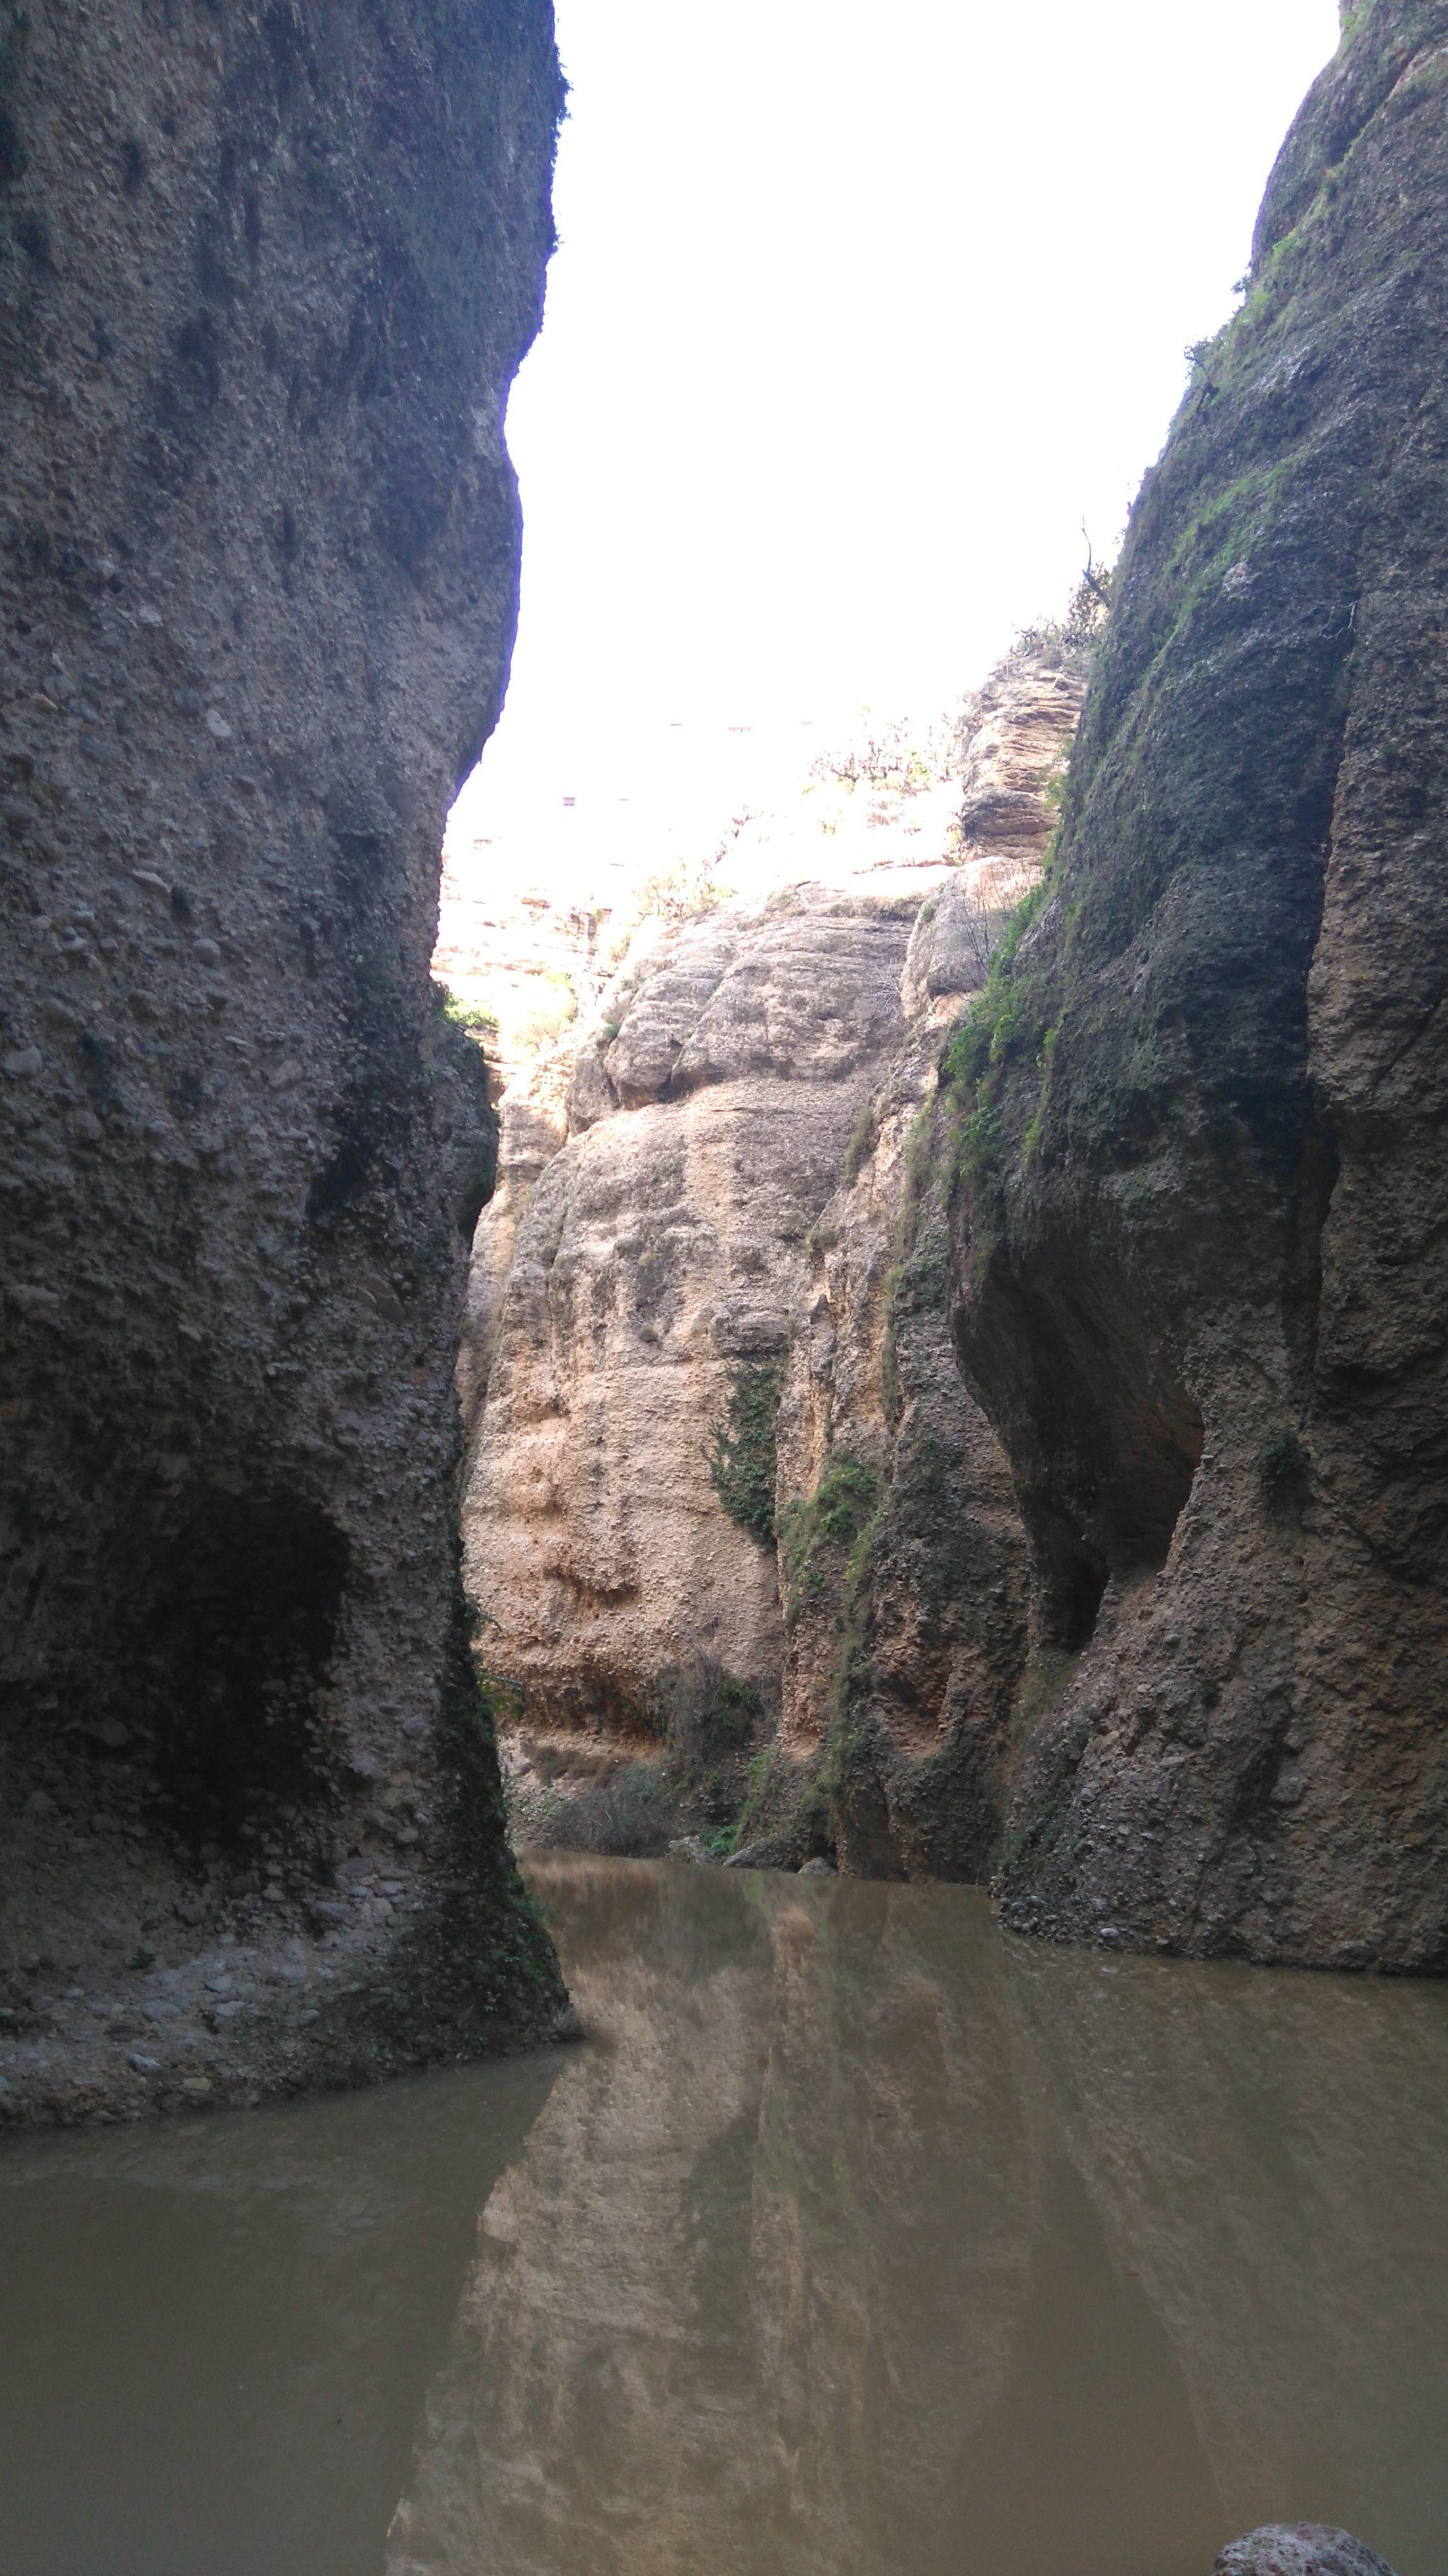 Río Guadalevín , que esculpe el famoso Tajo de Ronda.Este es el final del recorrido de la mina.